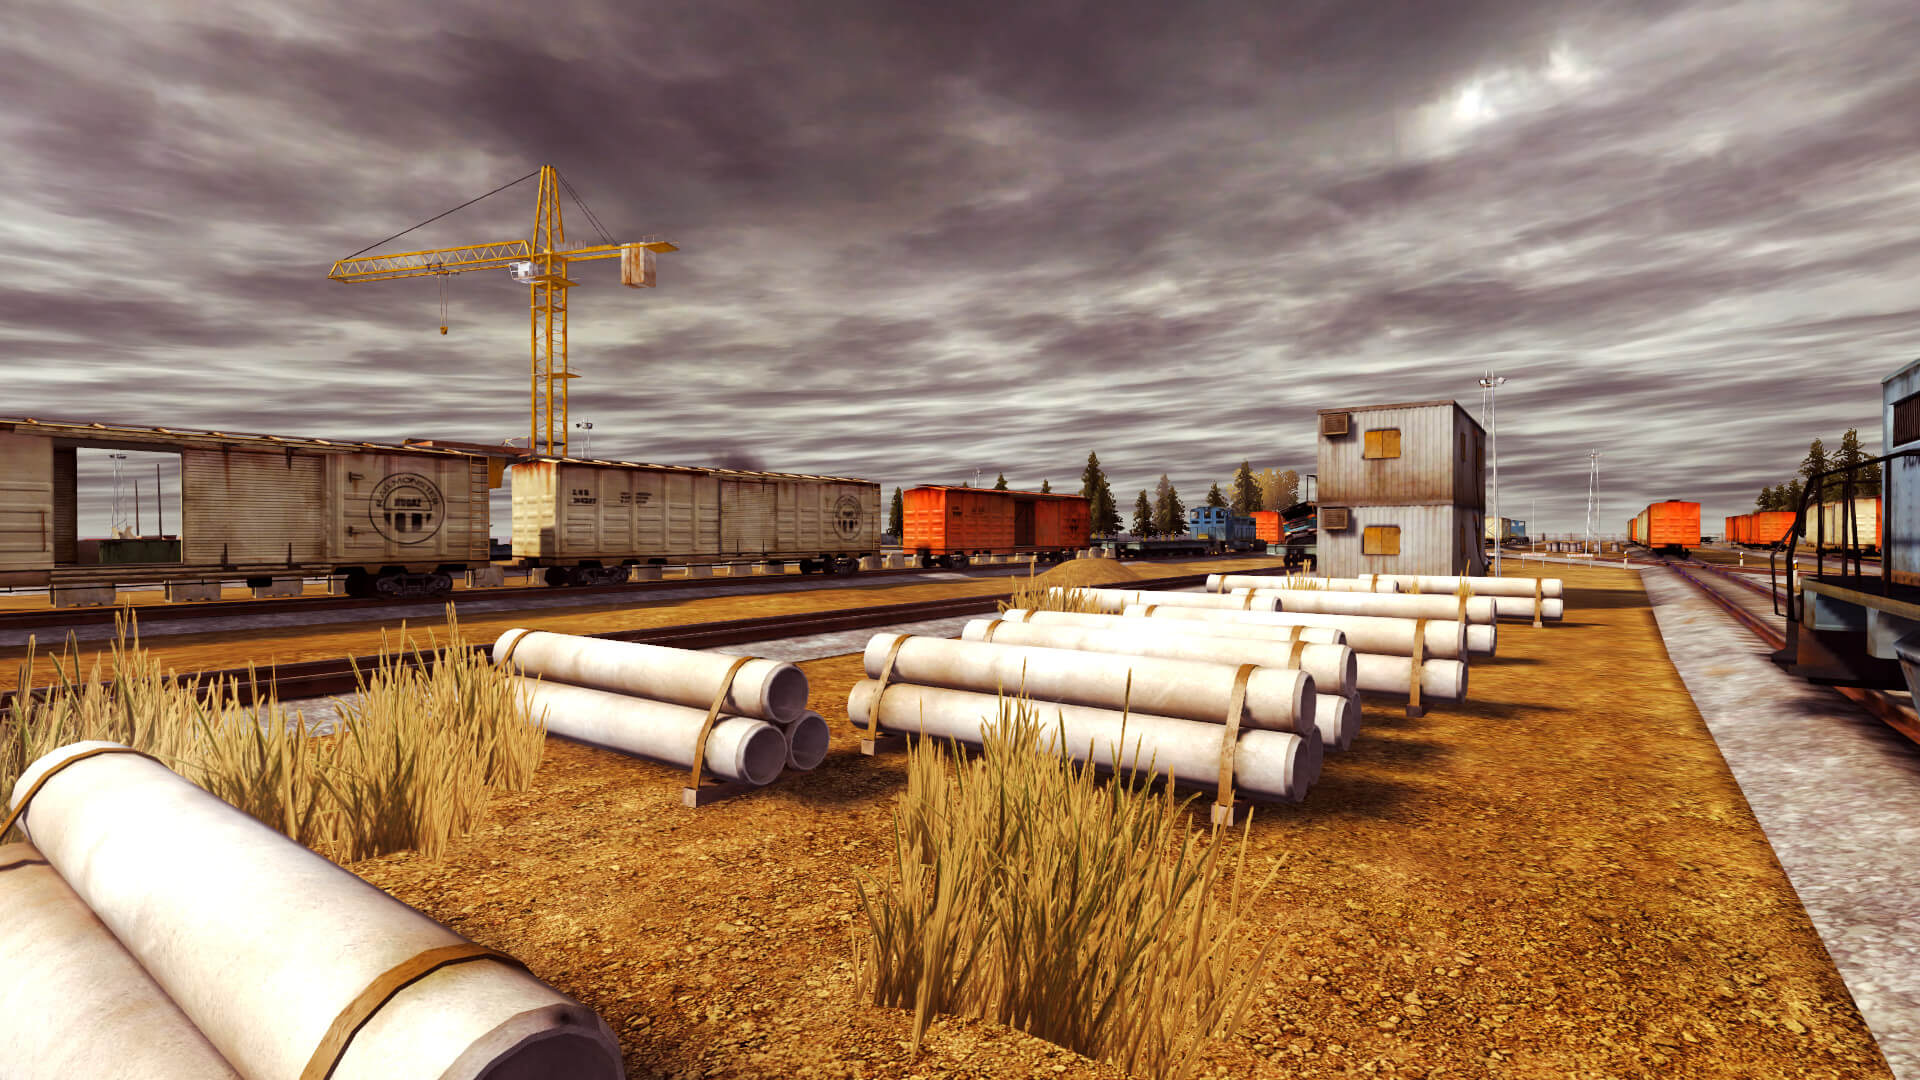 nwm_kgb_train_yard